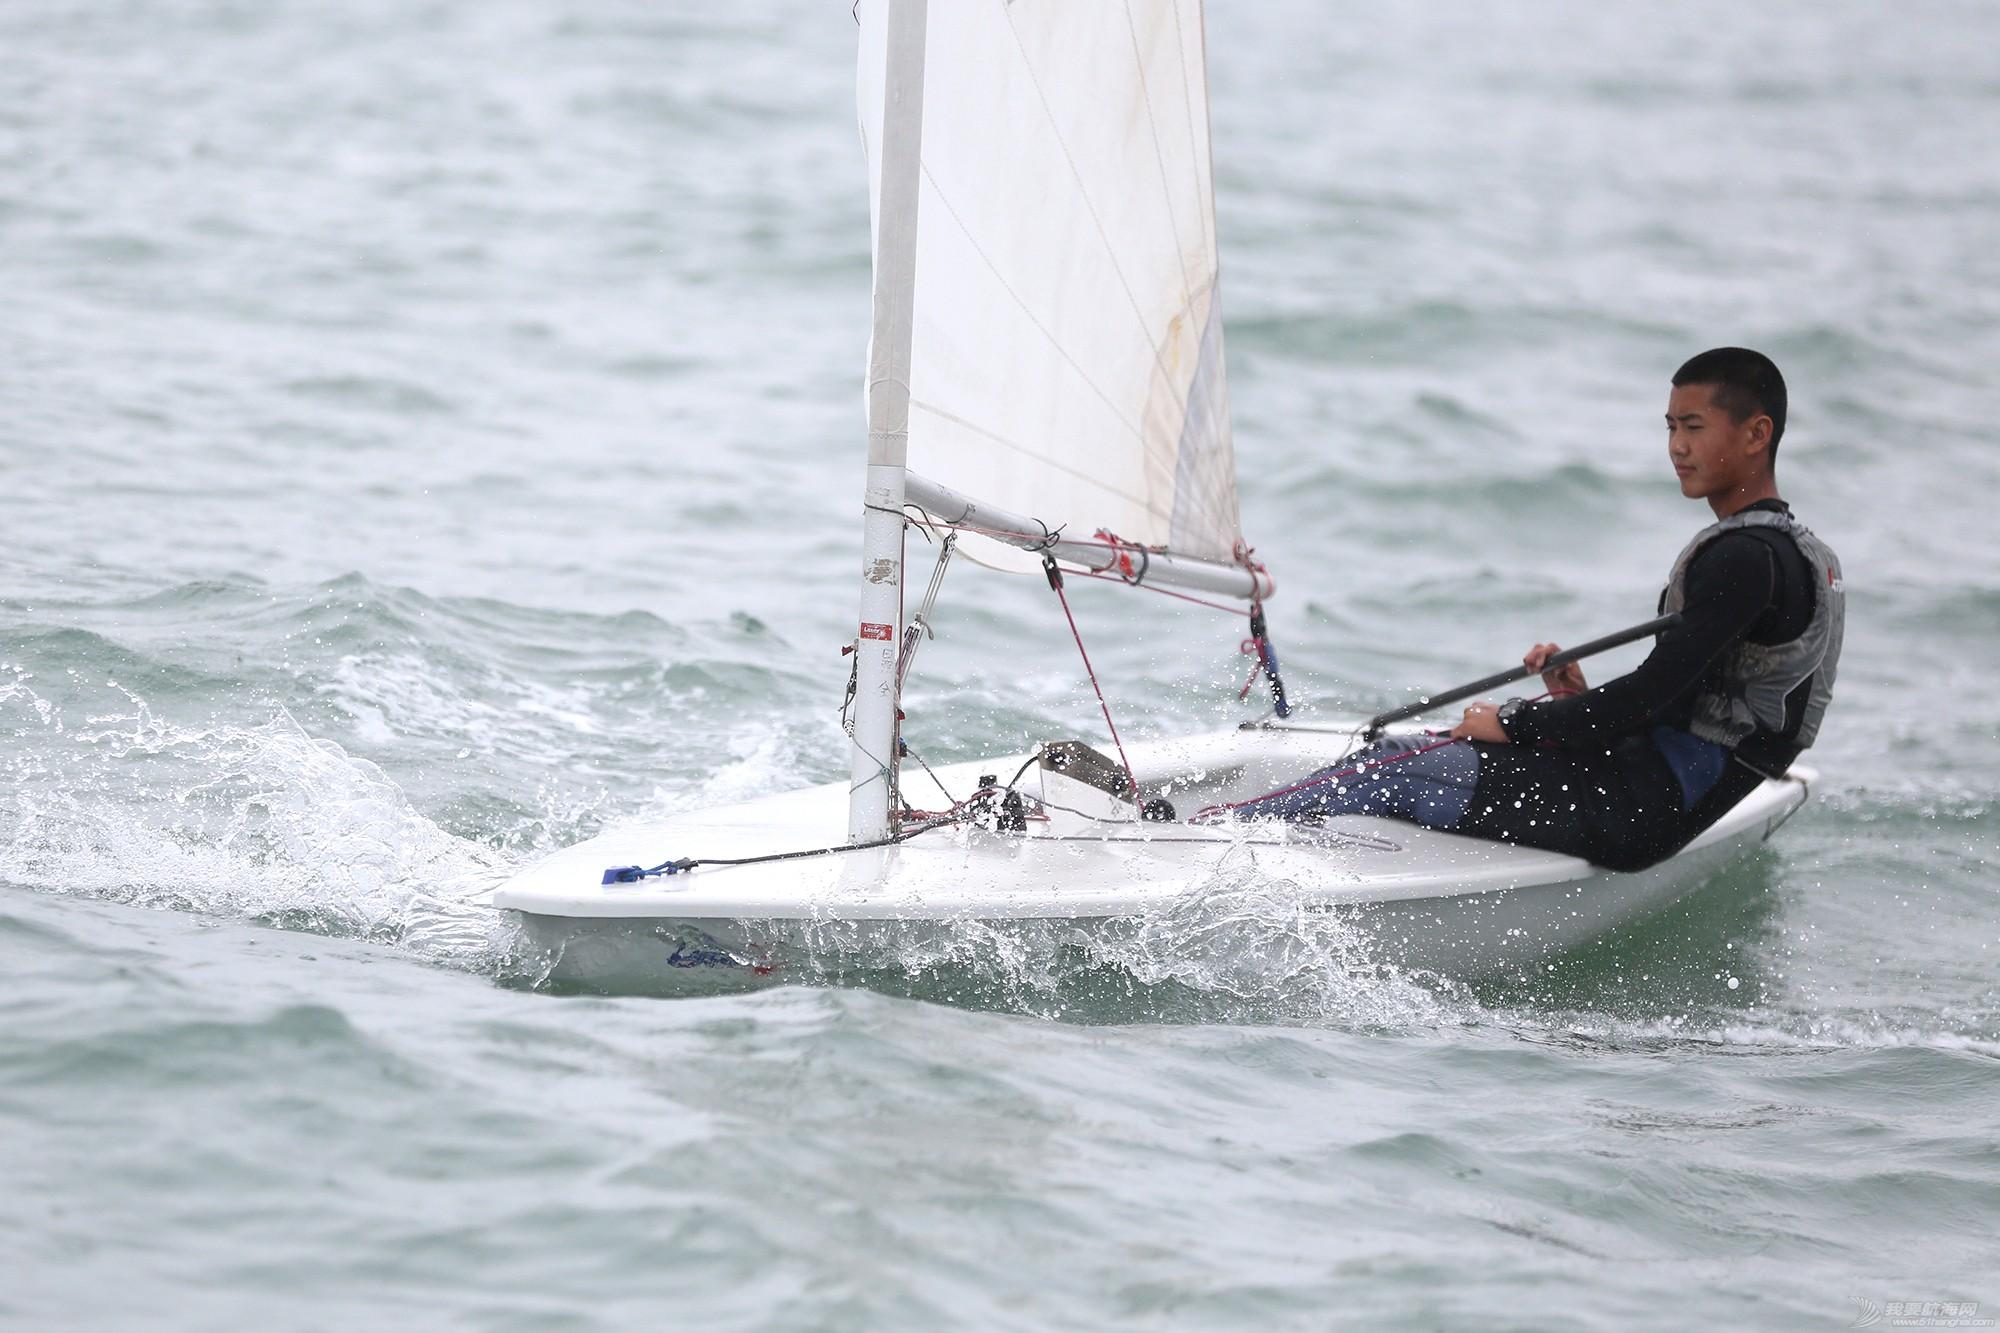 山东省,运动员,冠军赛,天气,帆板 风生水起,怎奈个个都是浪里白条——山东省帆船帆板冠军赛第二天赛况 5V8A2512副本.jpg